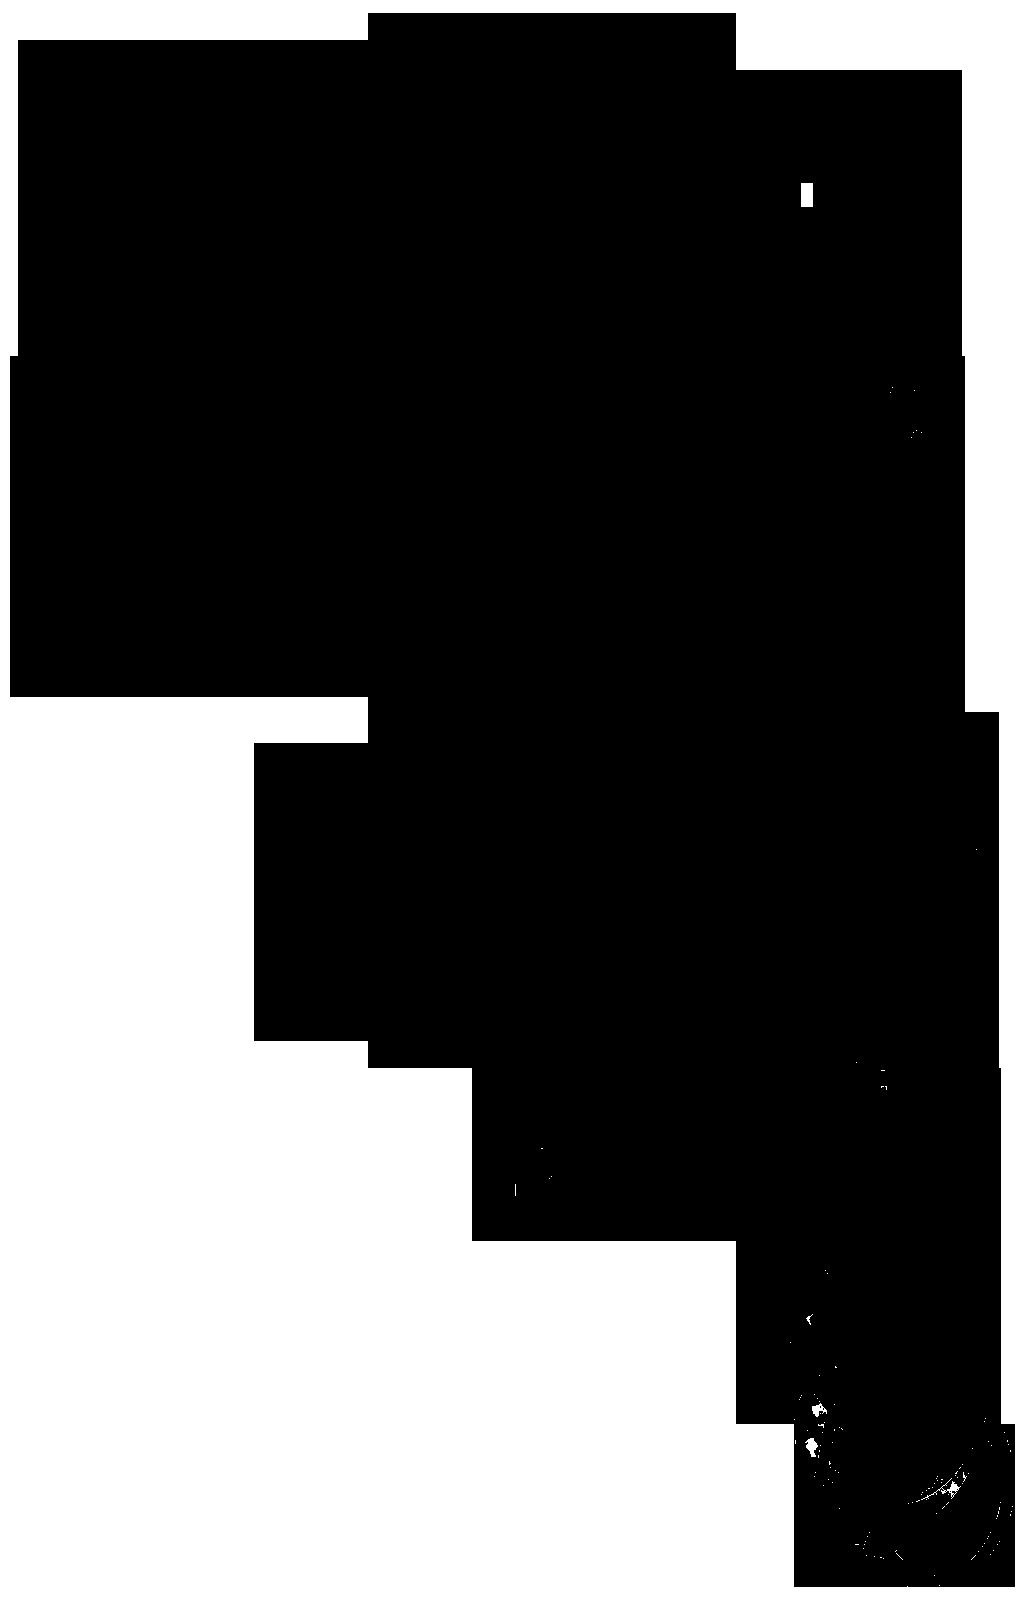 aXm414.png